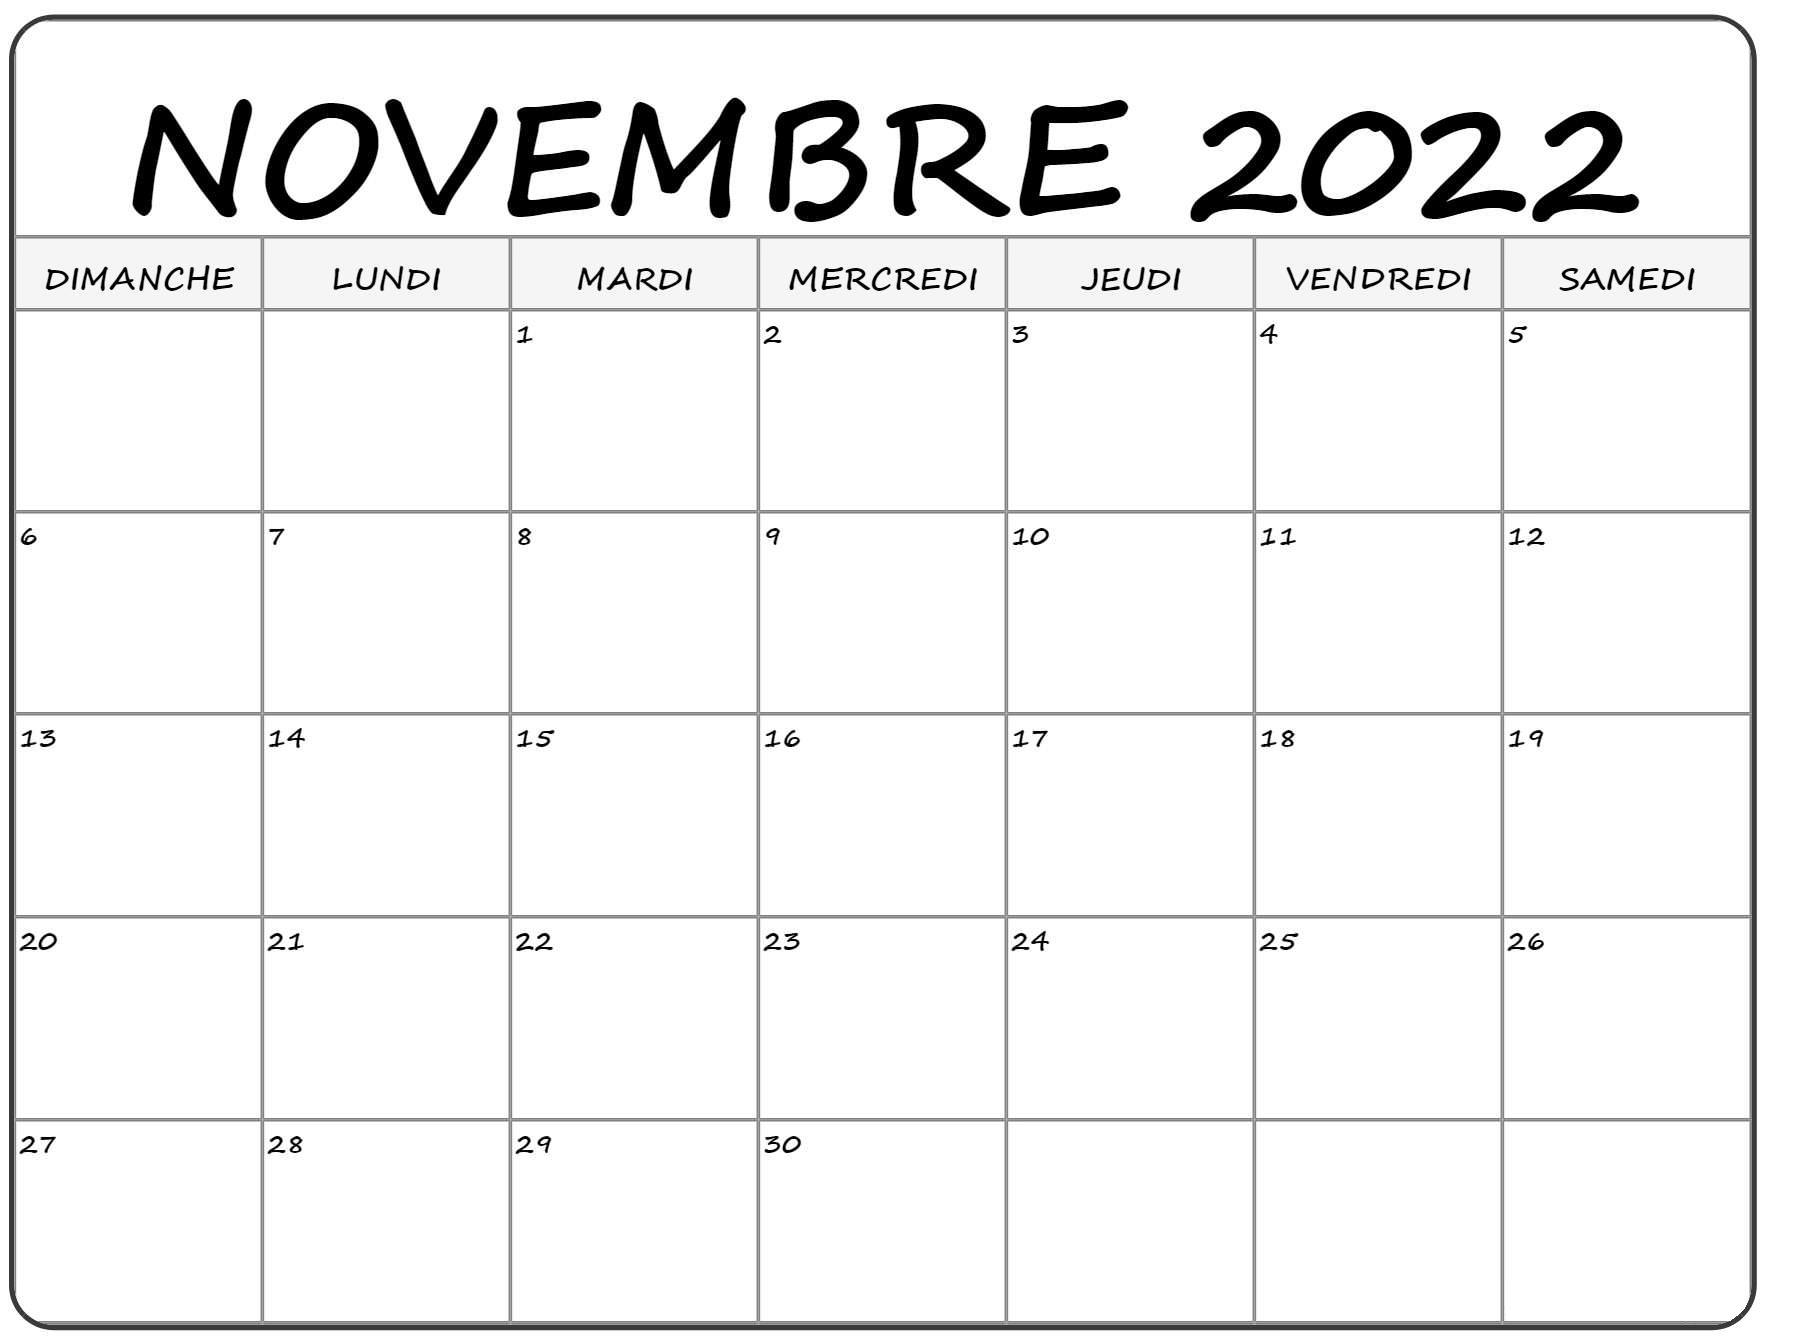 Calendrier 2022 Novembre à imprimer: Calendrier des vacances novembre